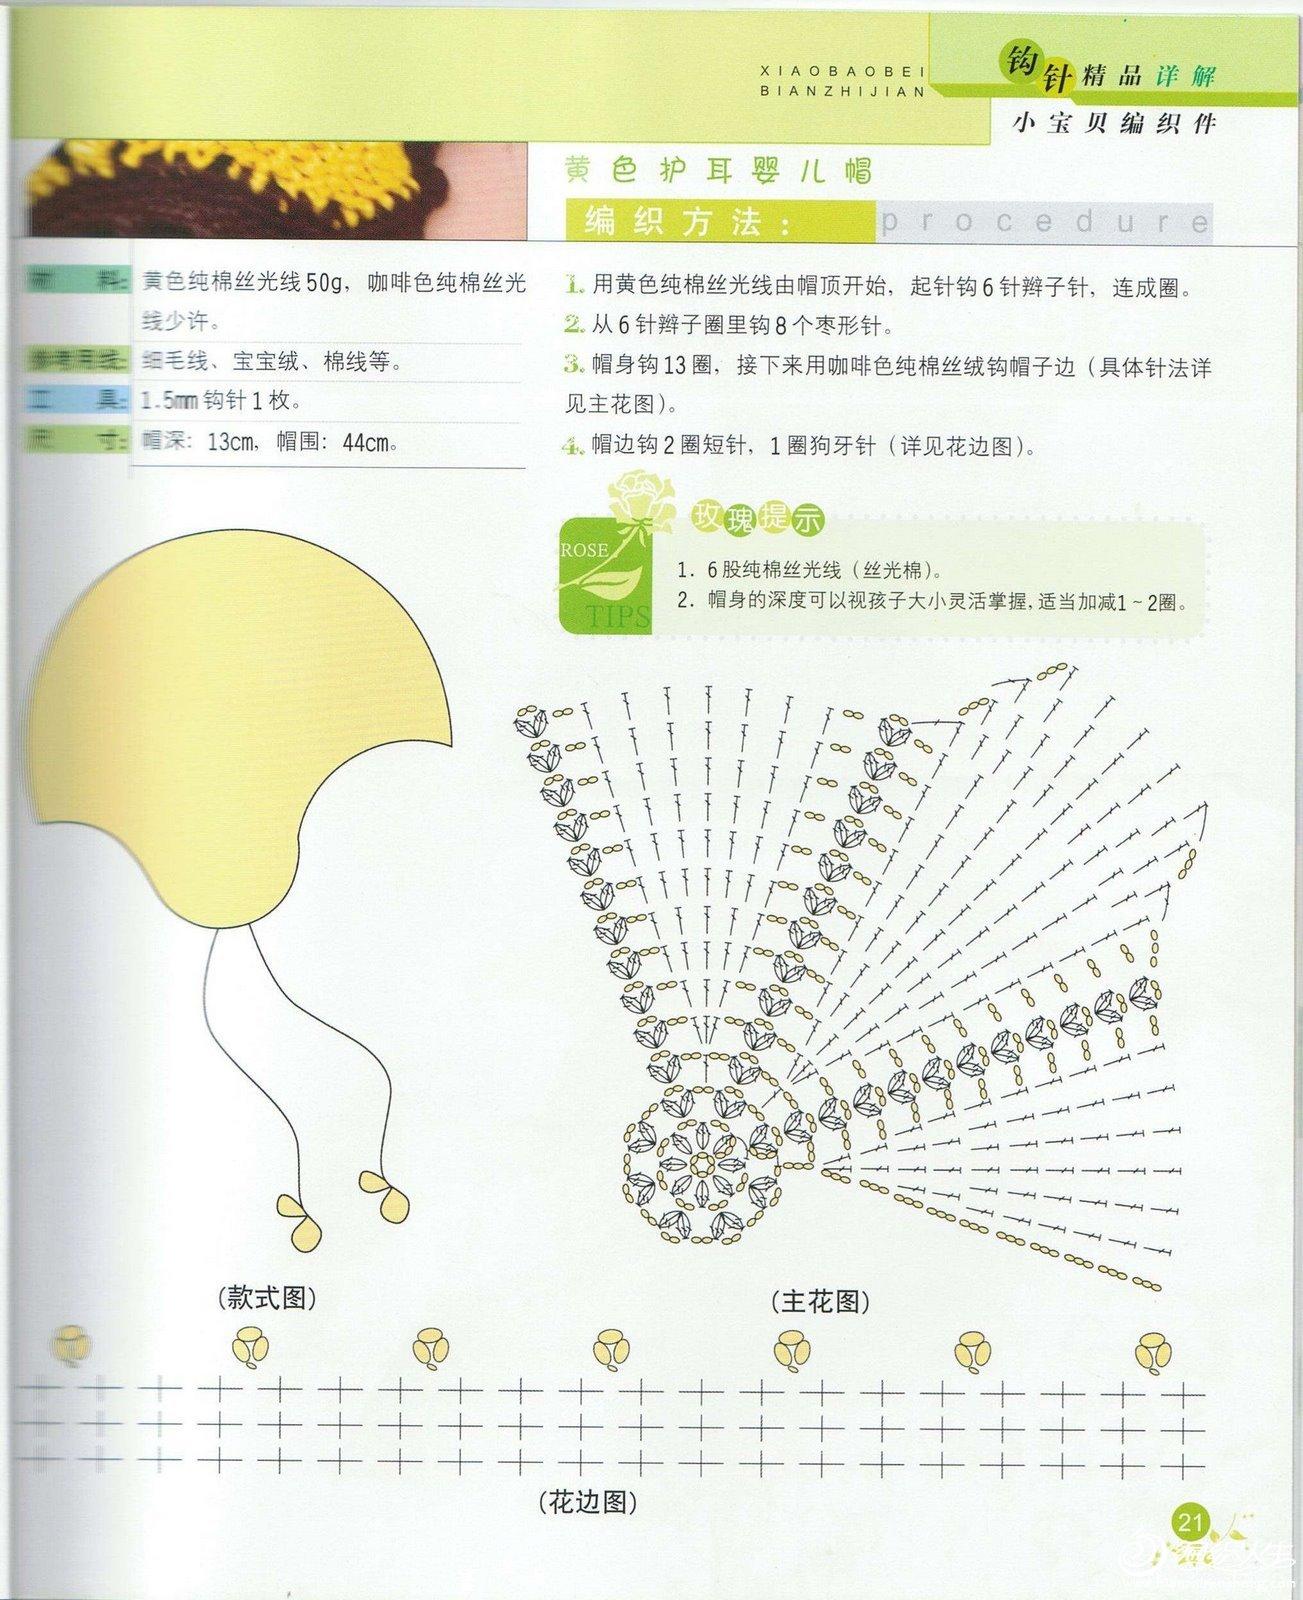 21黄色护耳婴儿帽图解.JPG